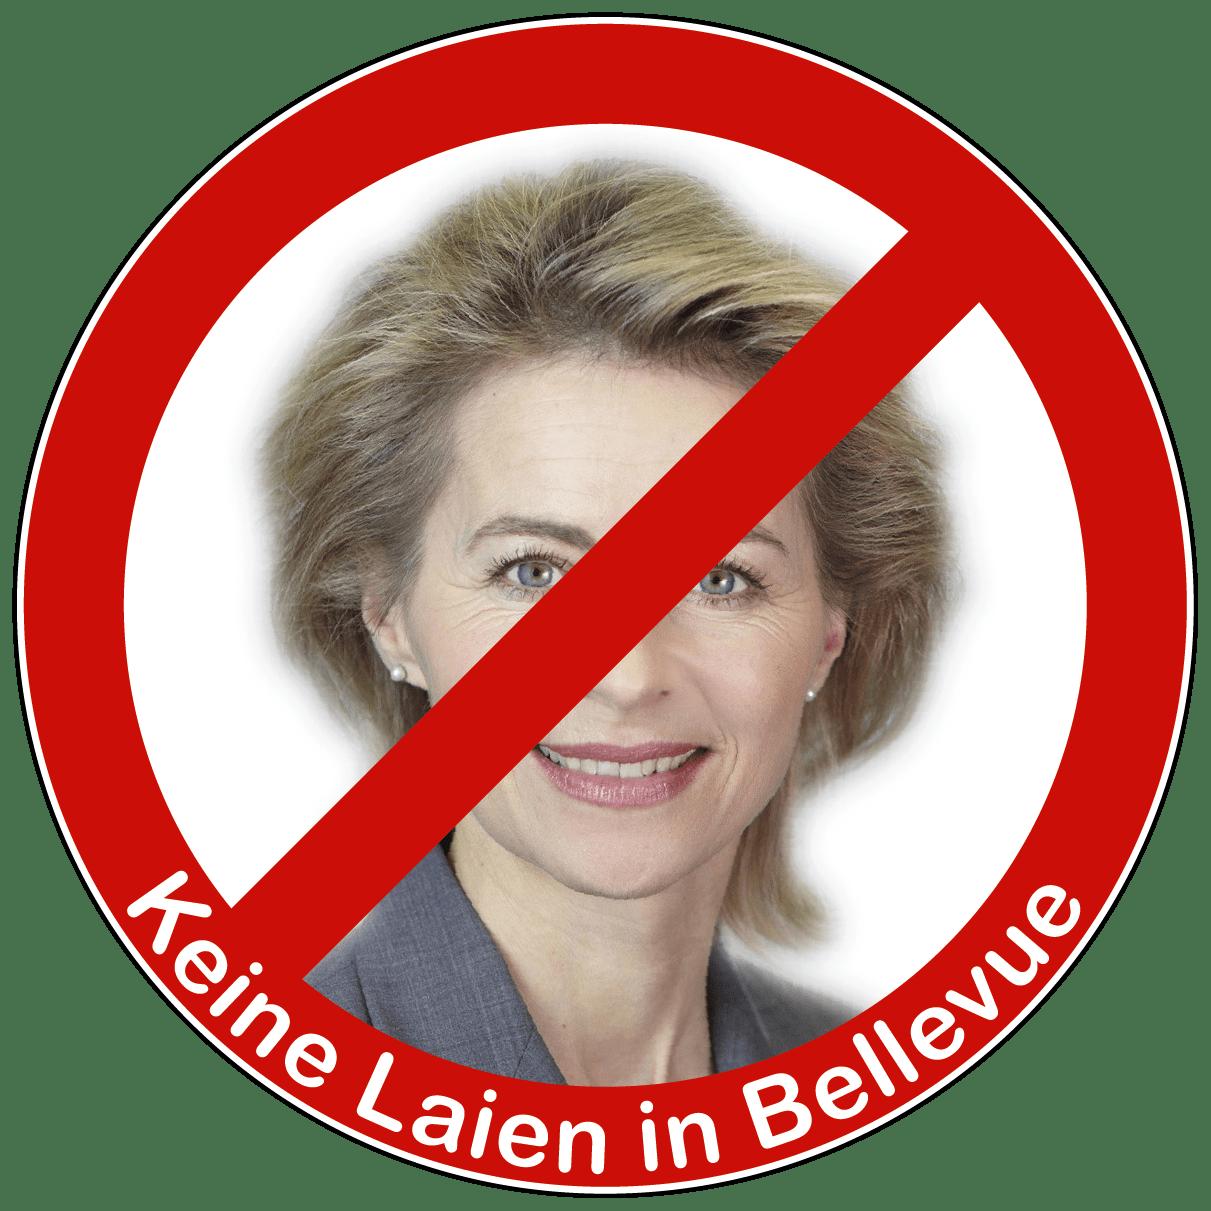 Keine Laien in Bellevue • Quelle: http://commons.wikimedia.org/wiki/File:Von_der_Leyen_2010.jpg • Autor: Laurence Chaperon